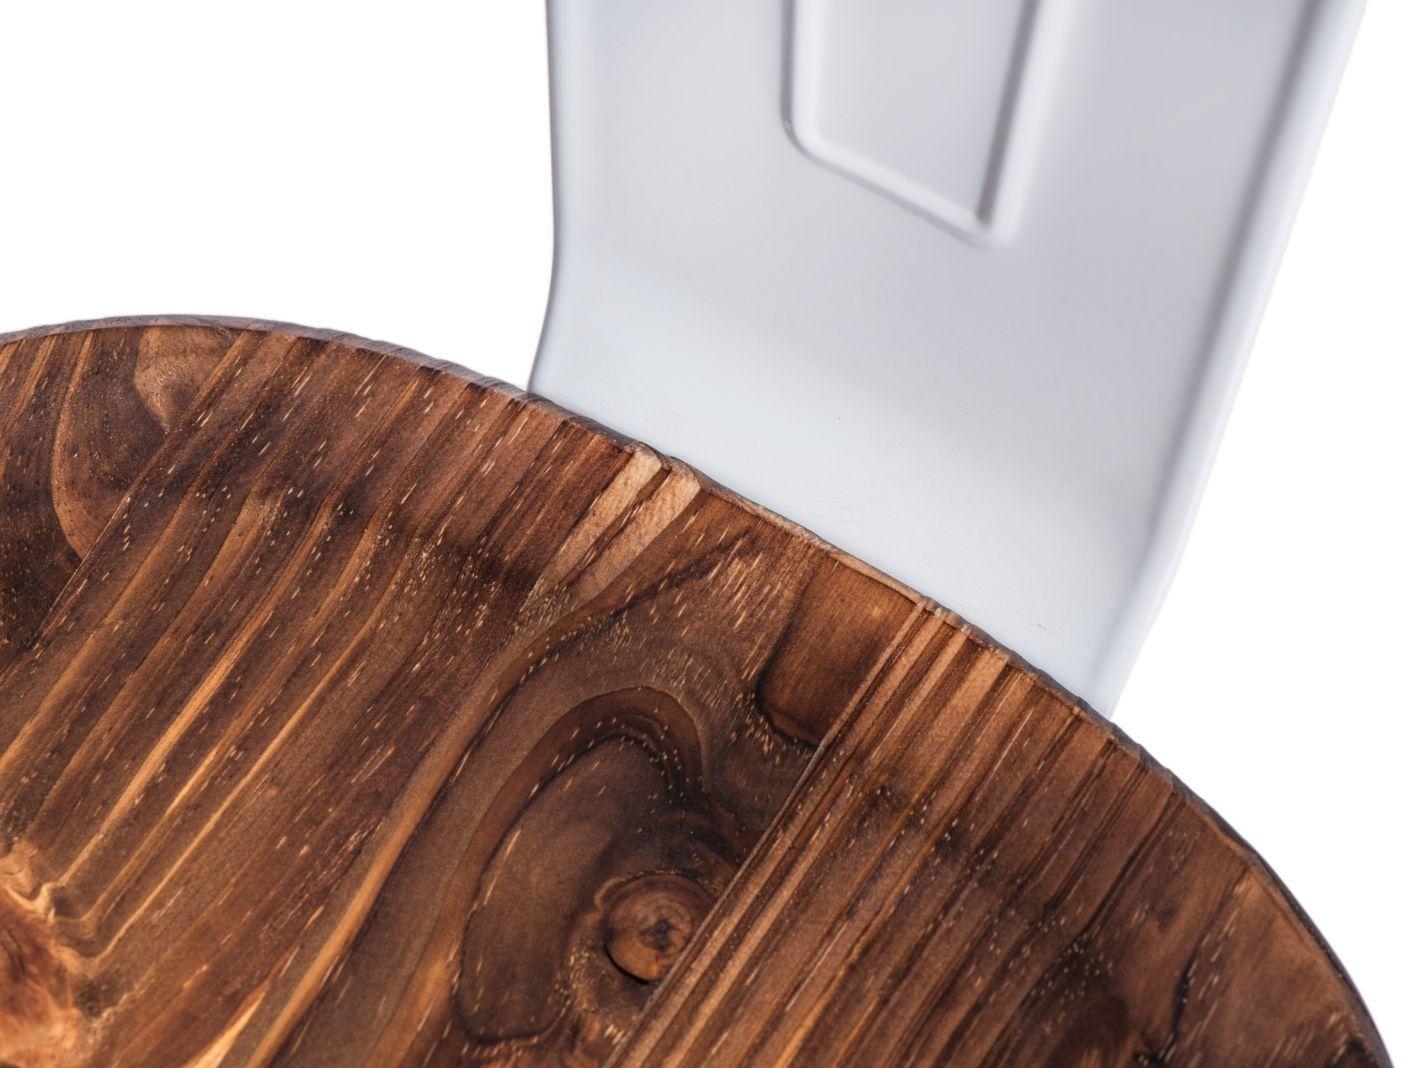 D2 Krzesło Paris Wood biały sosna